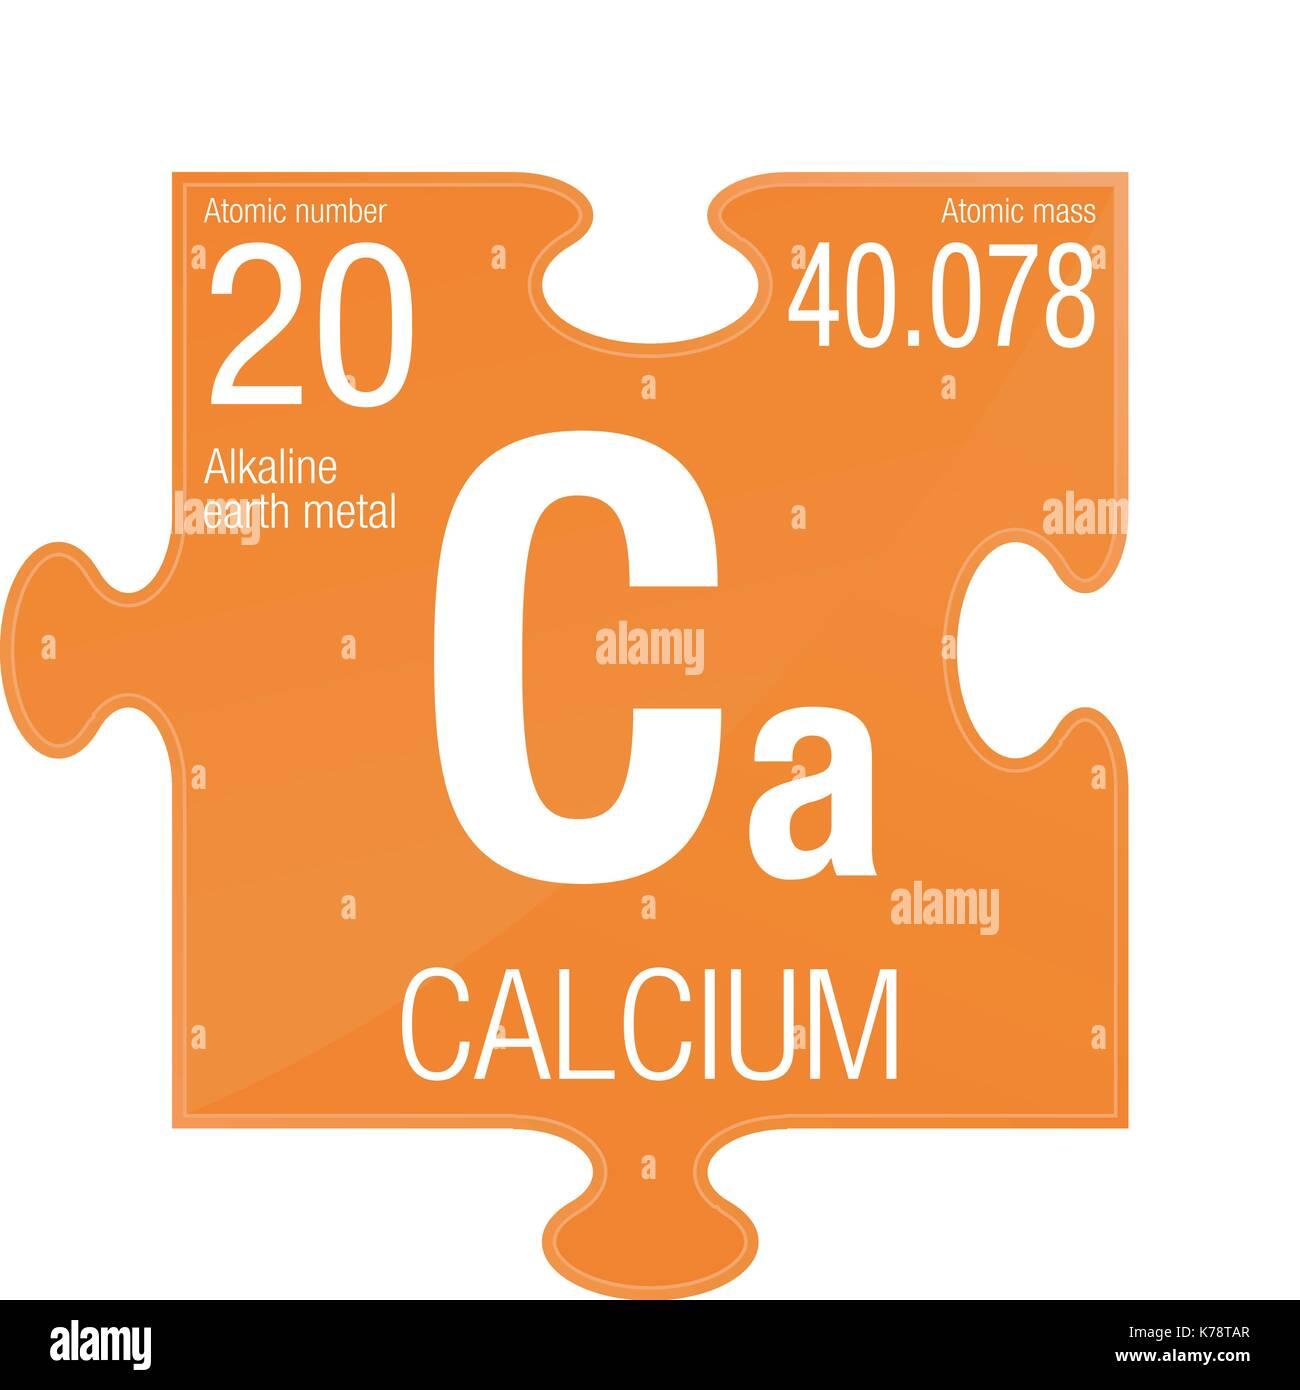 simbolo-di-calcio-elemento-numero-20-del